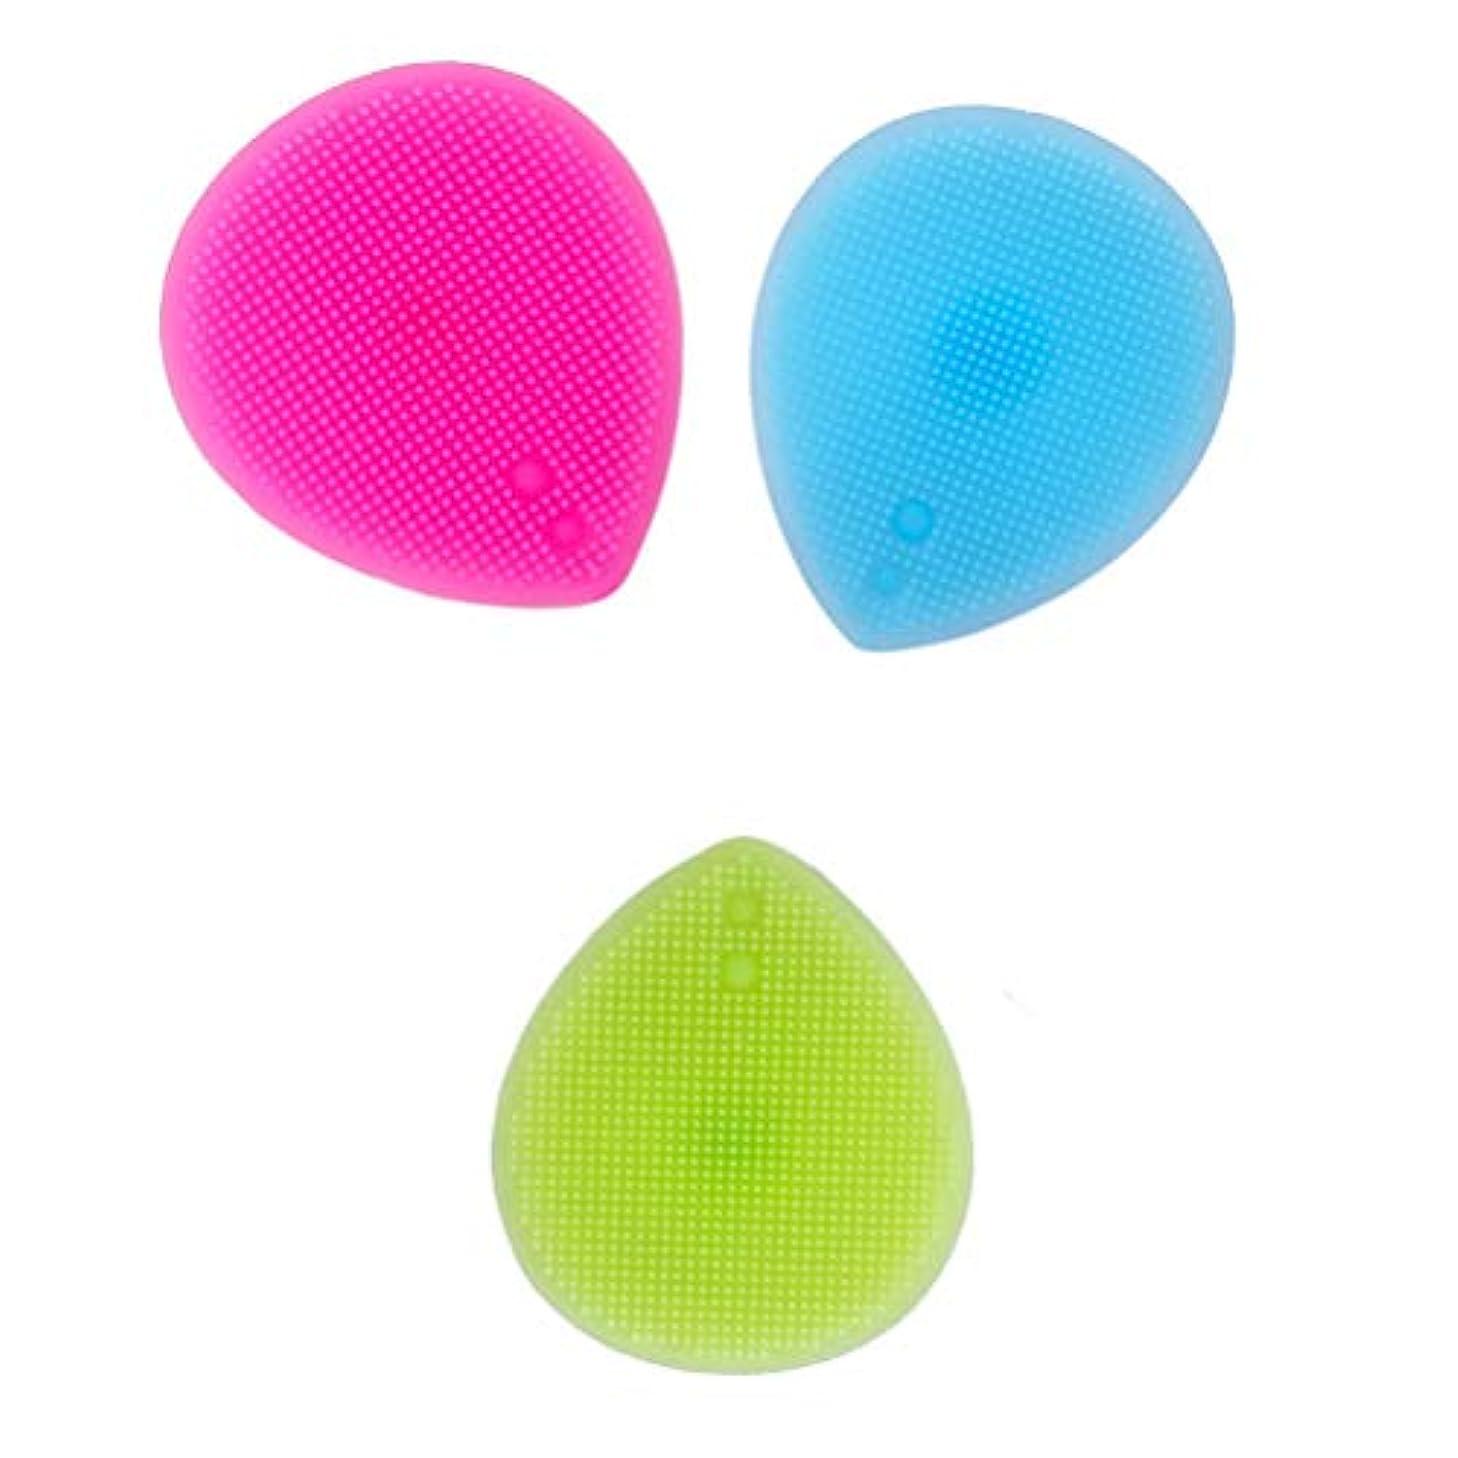 Lurrose 3PCSシリコーンフェイシャルクレンジングブラシ手動フェイシャルマッサージブラシ女性用(ブルー+バラ色+グリーン)